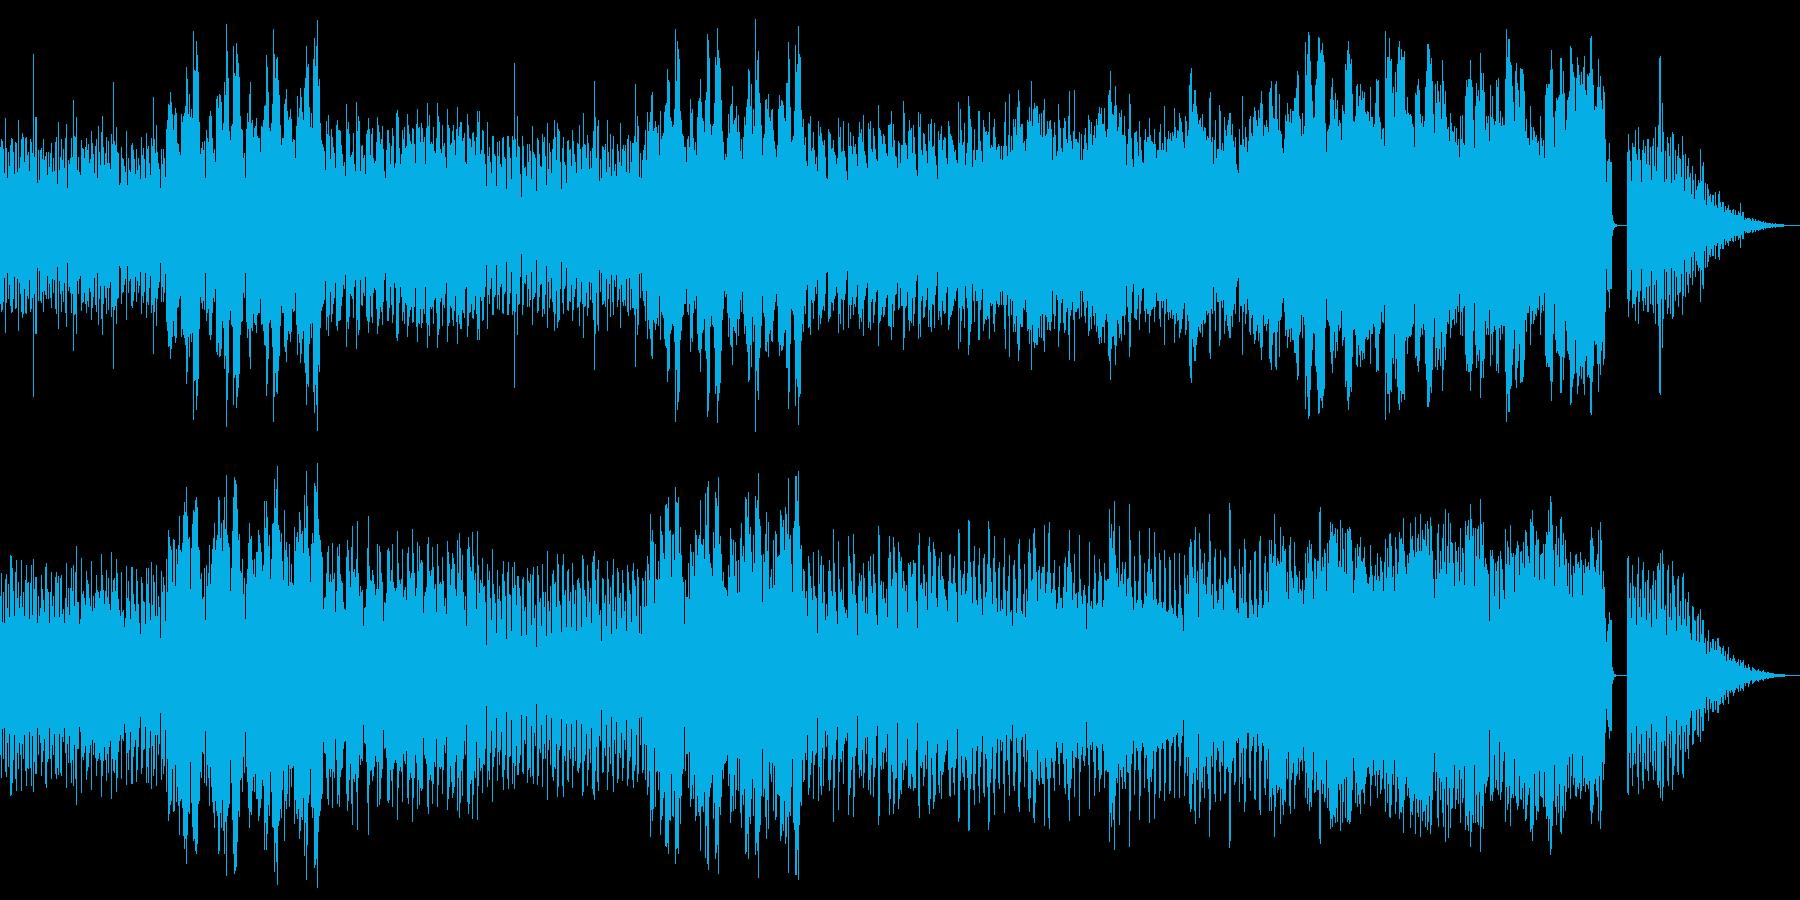 暗い町をイメージしたコミカルなBGMの再生済みの波形